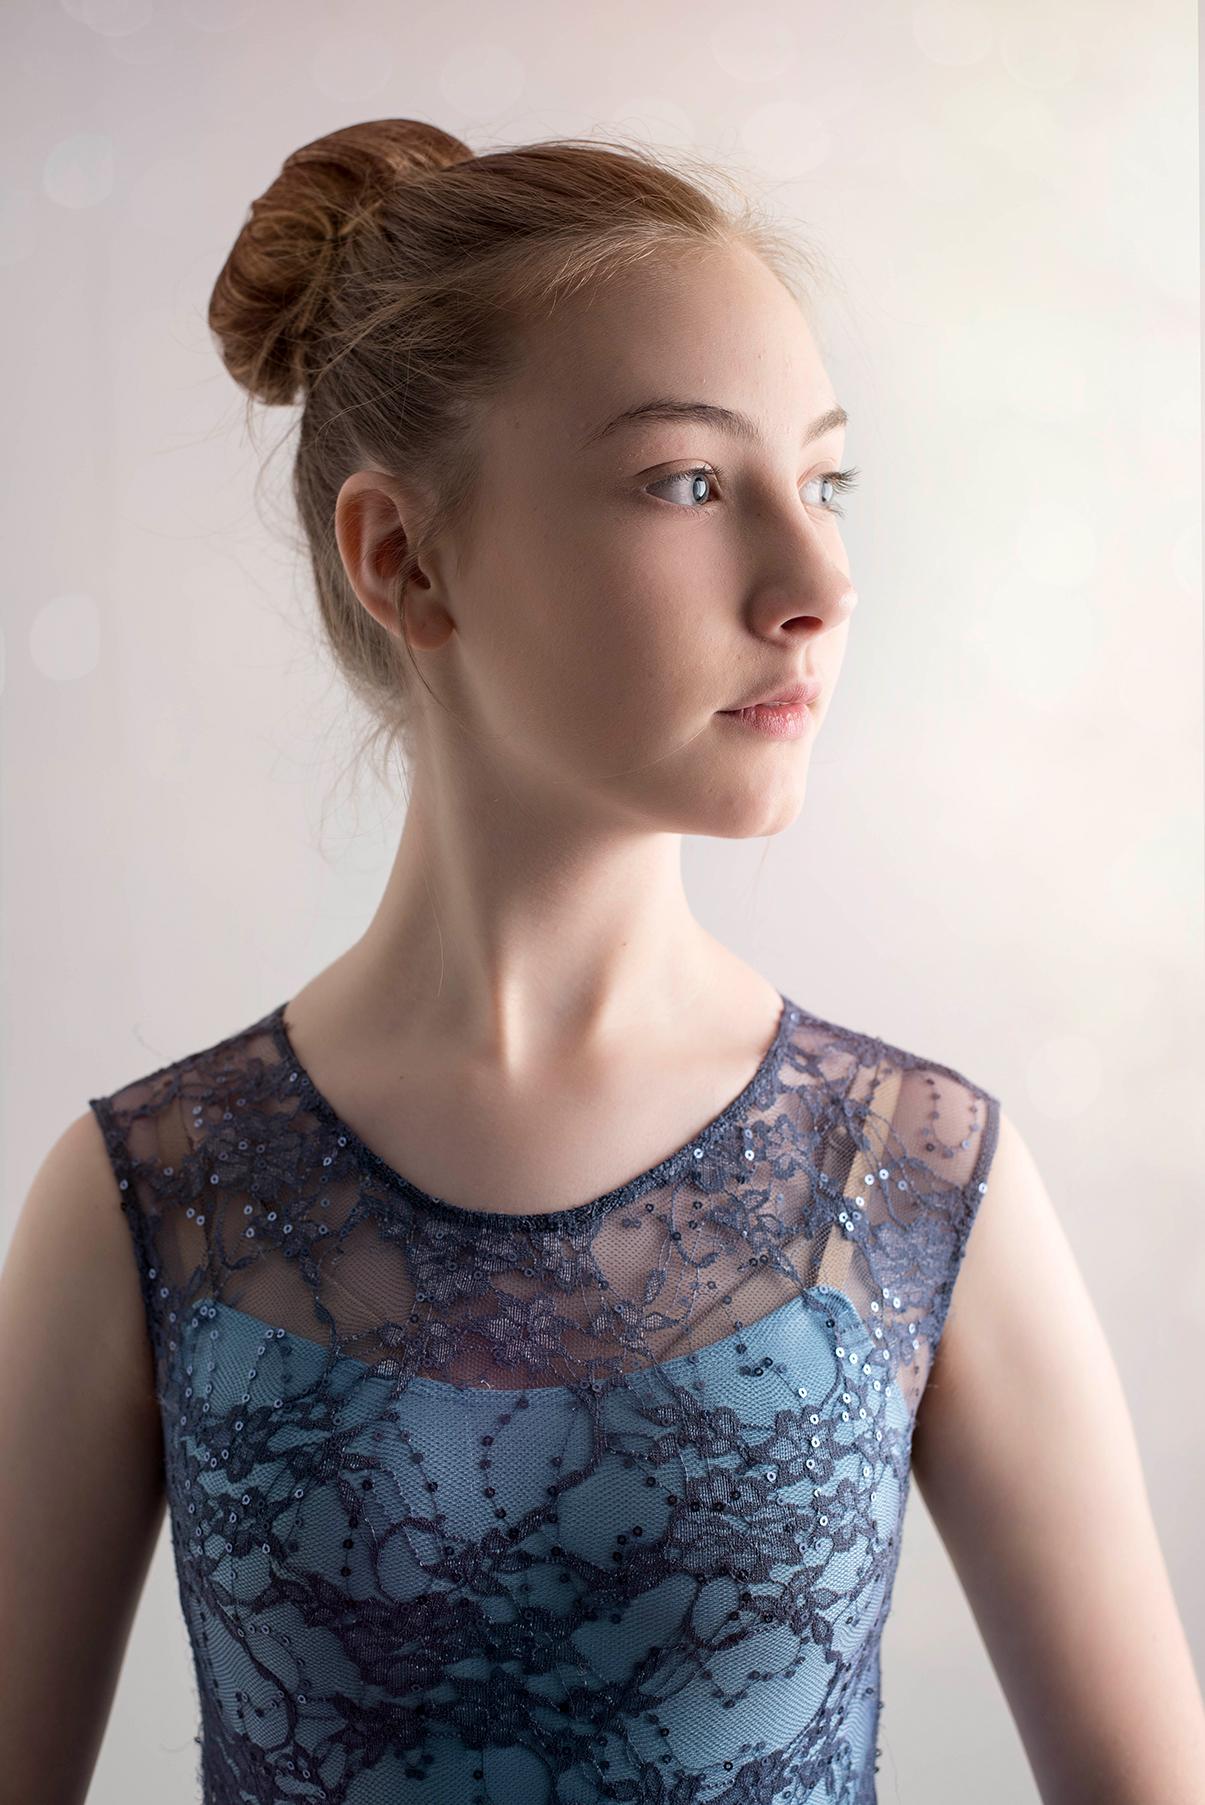 Hannah-Donnan-17Sep-5968-Edit16.jpg